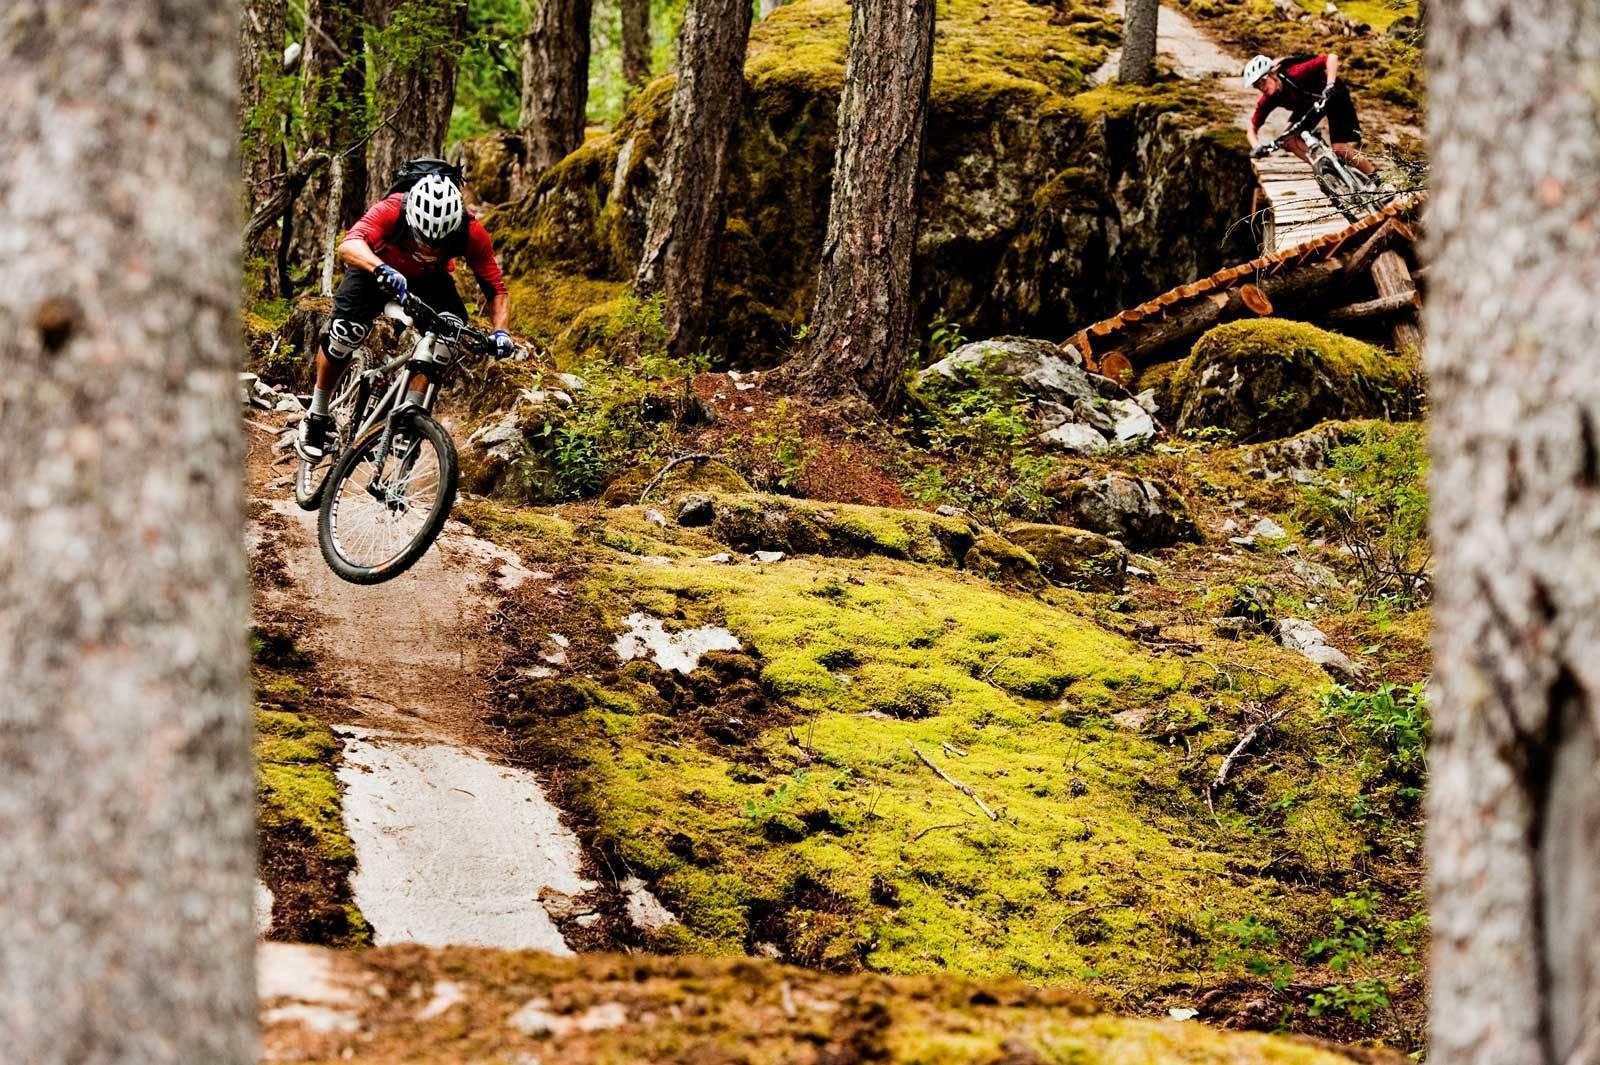 Stisykling-guide-British-Columbia-Whistler-1